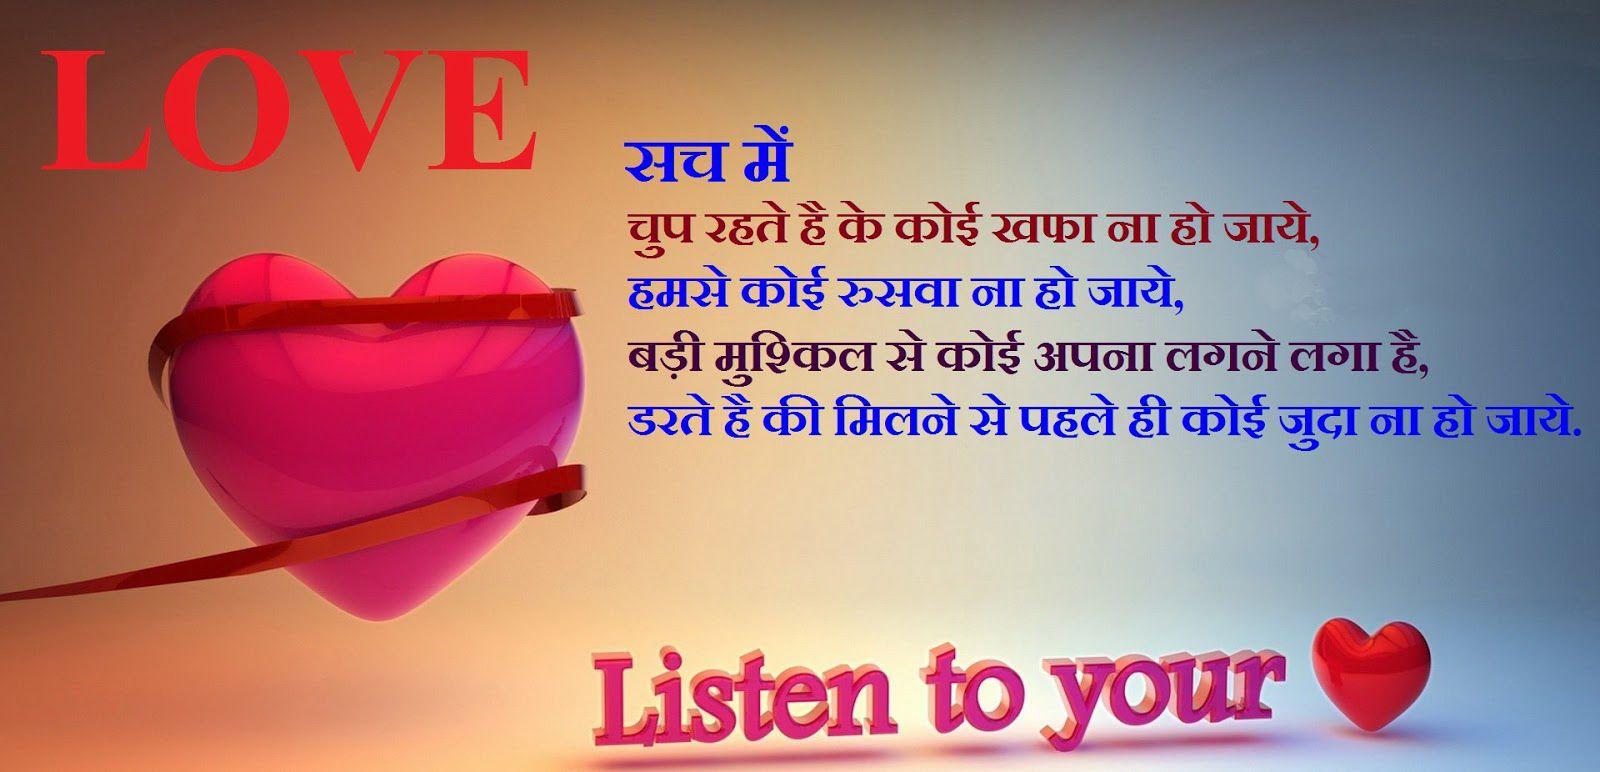 Simple Wallpaper Love Hindi - 54f11f1408e8658e9aa8937e6c38bfd2  2018_665014.jpg